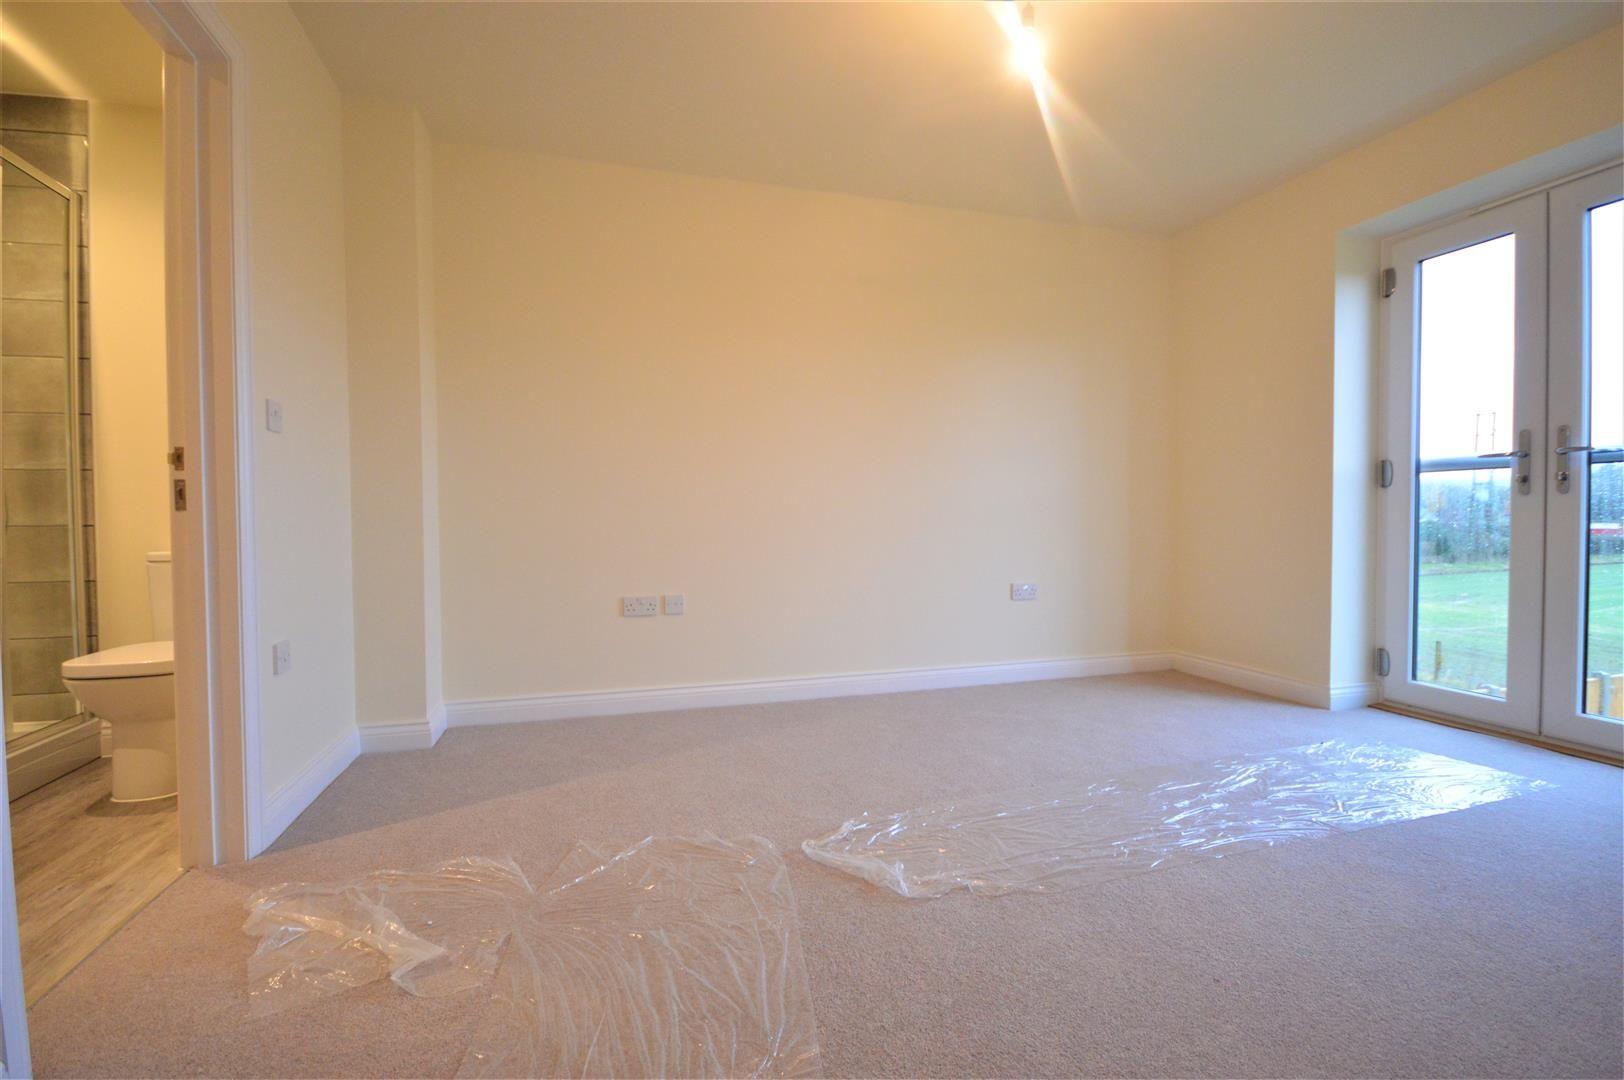 4 bed detached for sale in Kingsland  - Property Image 9